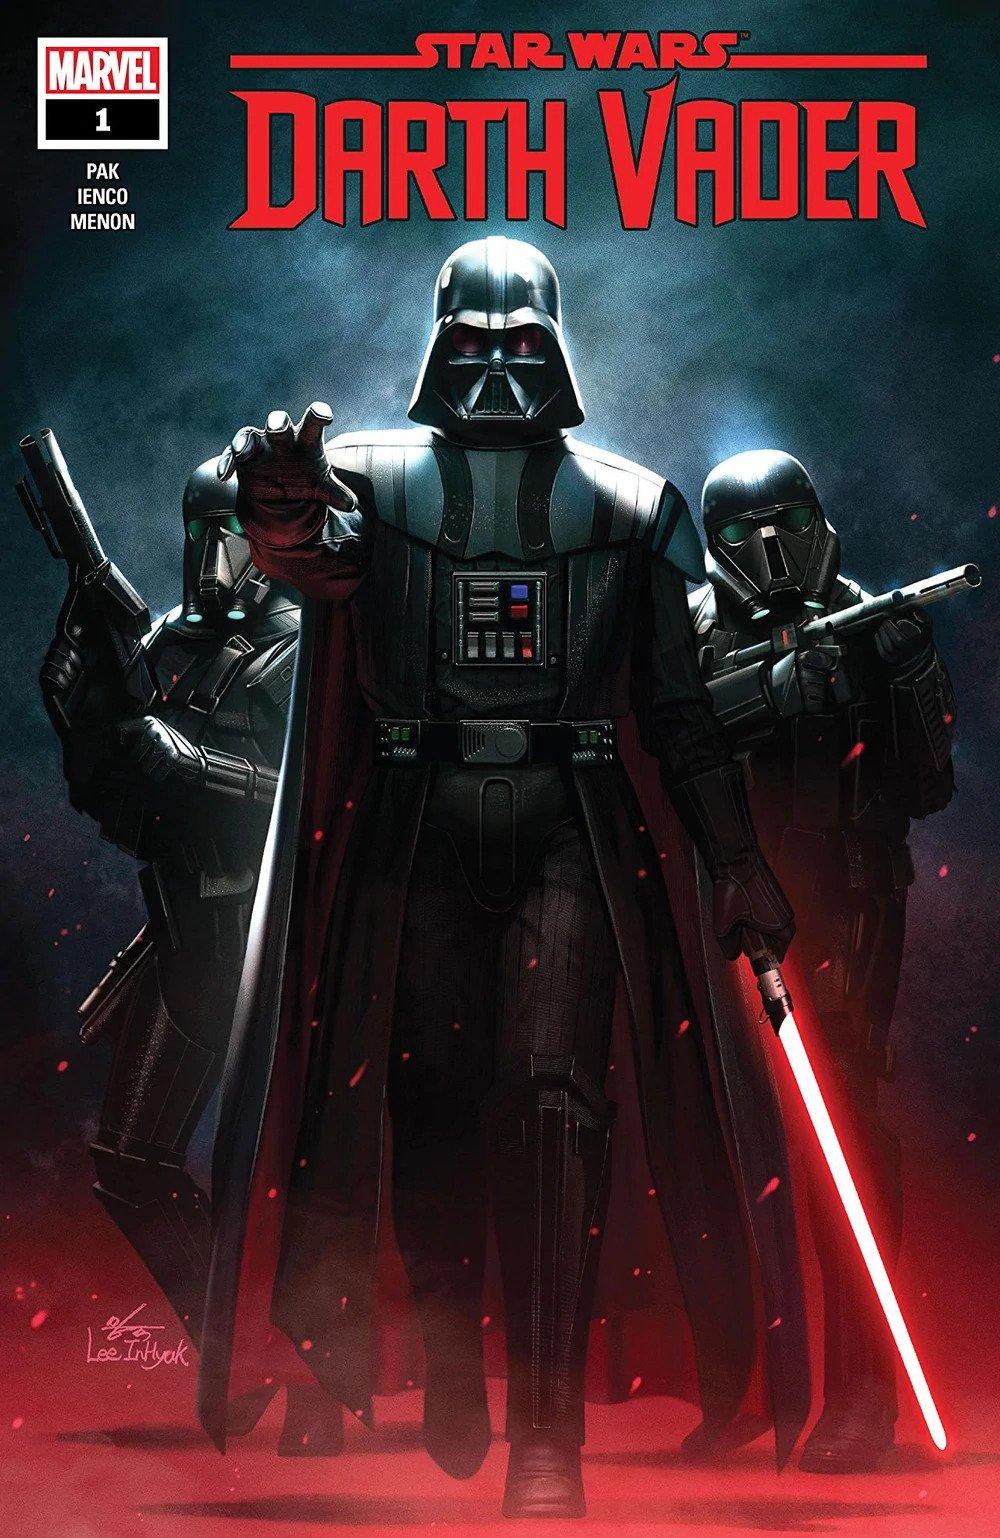 Star_Wars_Darth_Vader_Vol_1_1